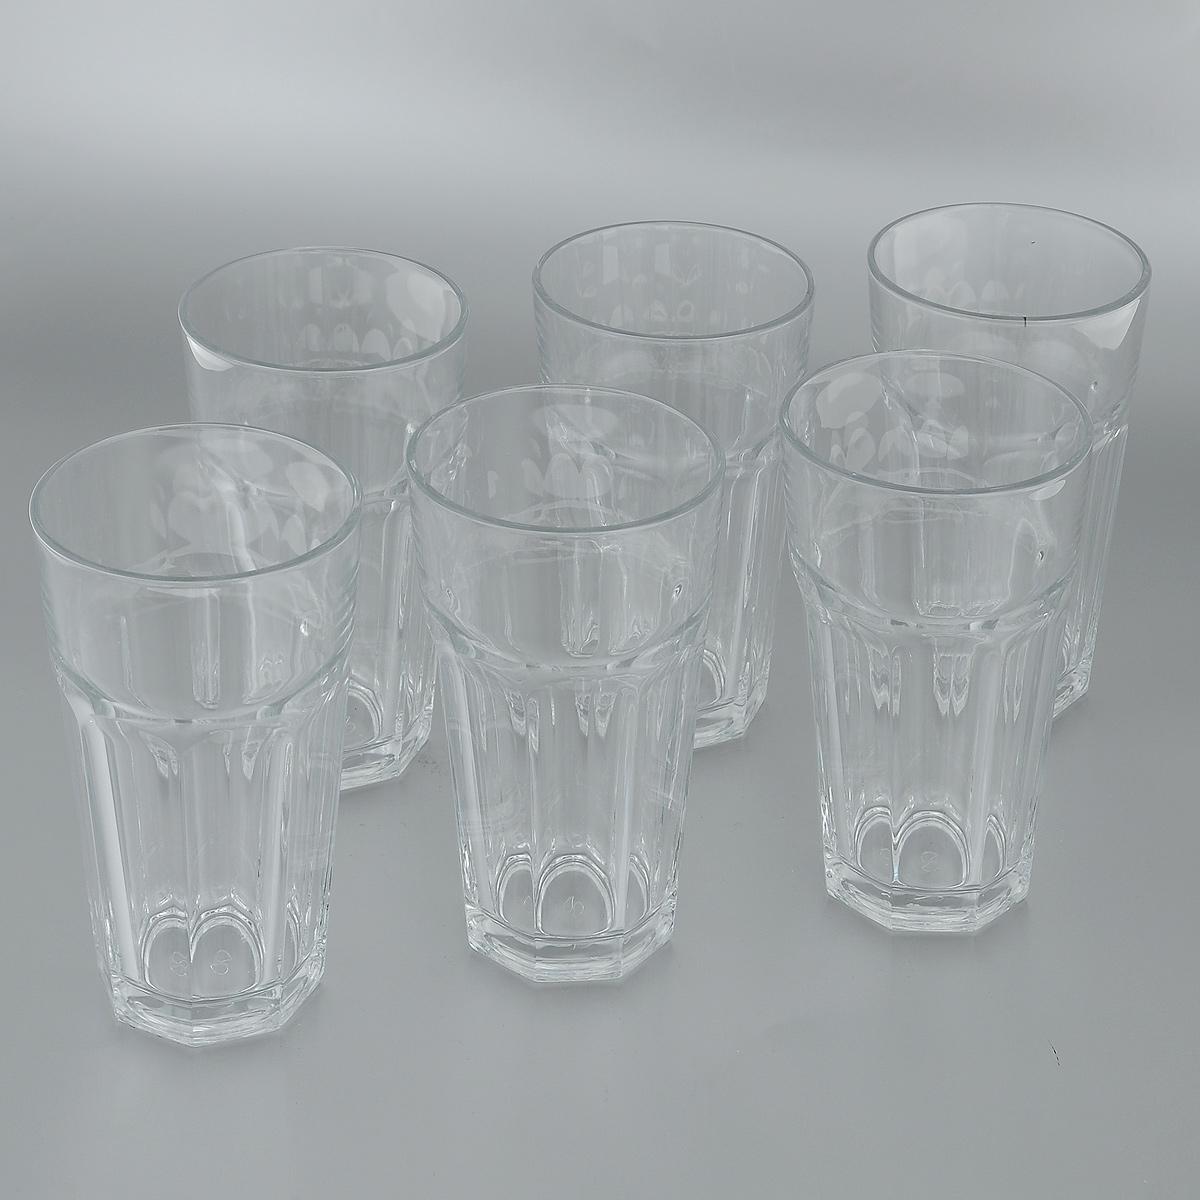 Набор стаканов для пива Pasabahce Casablanca, 475 мл, 6 шт52707BНабор Pasabahce Casablanca состоит из шести стаканов, изготовленных из прочного натрий-кальций-силикатного стекла. Изделия, предназначенные для подачи пива, несомненно придутся вам по душе. Стаканы, оснащенные рельефной многогранной поверхностью, сочетают в себе элегантный дизайн и функциональность. Благодаря такому набору пить напитки будет еще вкуснее. Набор стаканов Pasabahce Casablanca идеально подойдет для сервировки стола и станет отличным подарком к любому празднику.Можно мыть в посудомоечной машине и использовать в микроволновой печи. Диаметр стакана по верхнему краю: 8,5 см.Высота стакана: 16 см.